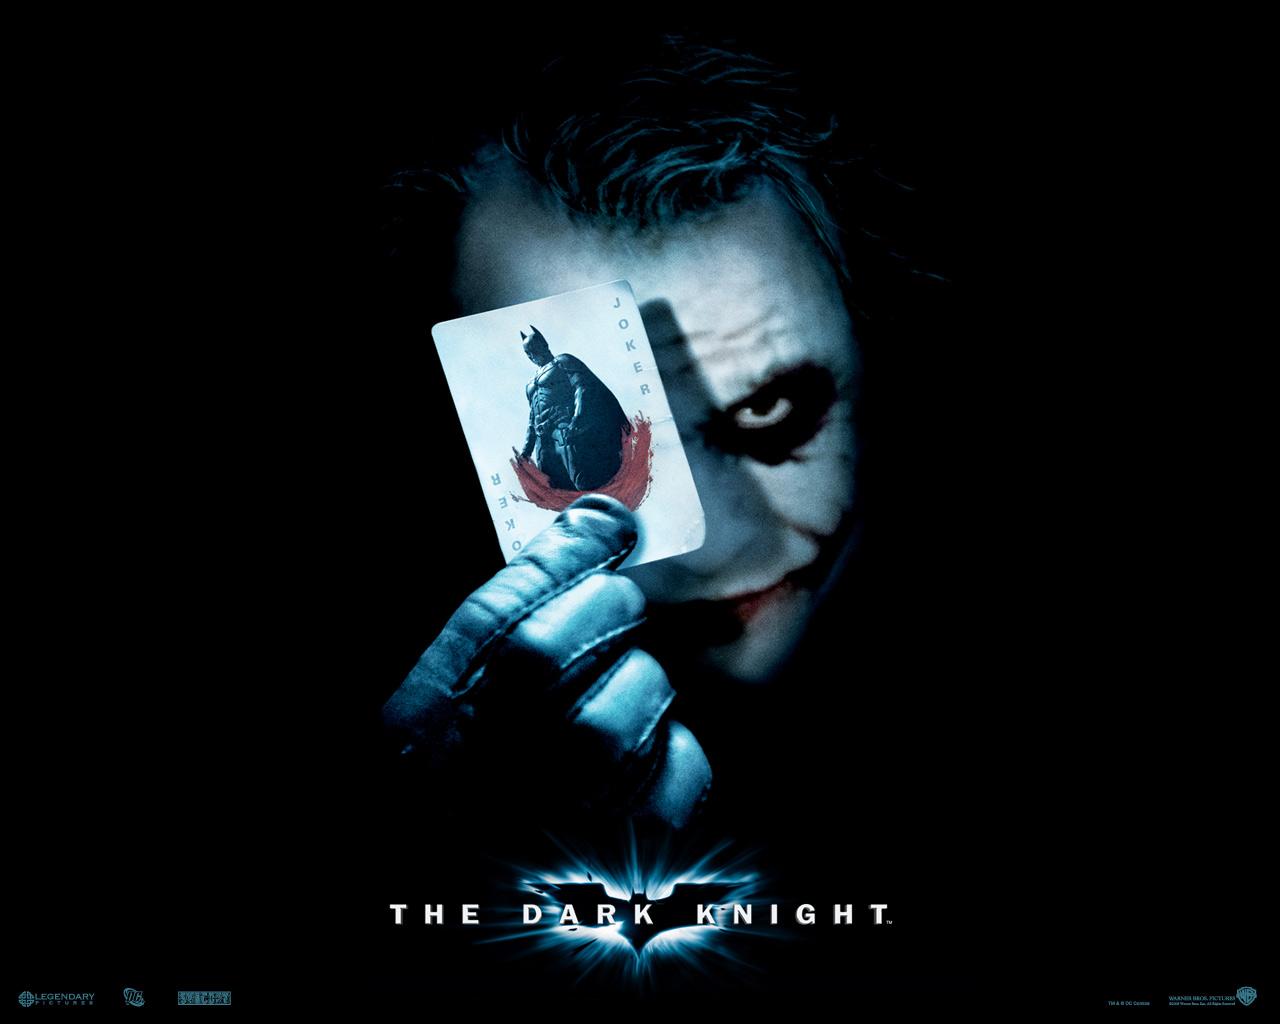 http://3.bp.blogspot.com/_8pqUbgIYwak/TPn9-9RlROI/AAAAAAAAAB8/9YlUsWSfO_Y/s1600/Joker-Card-1280.jpg